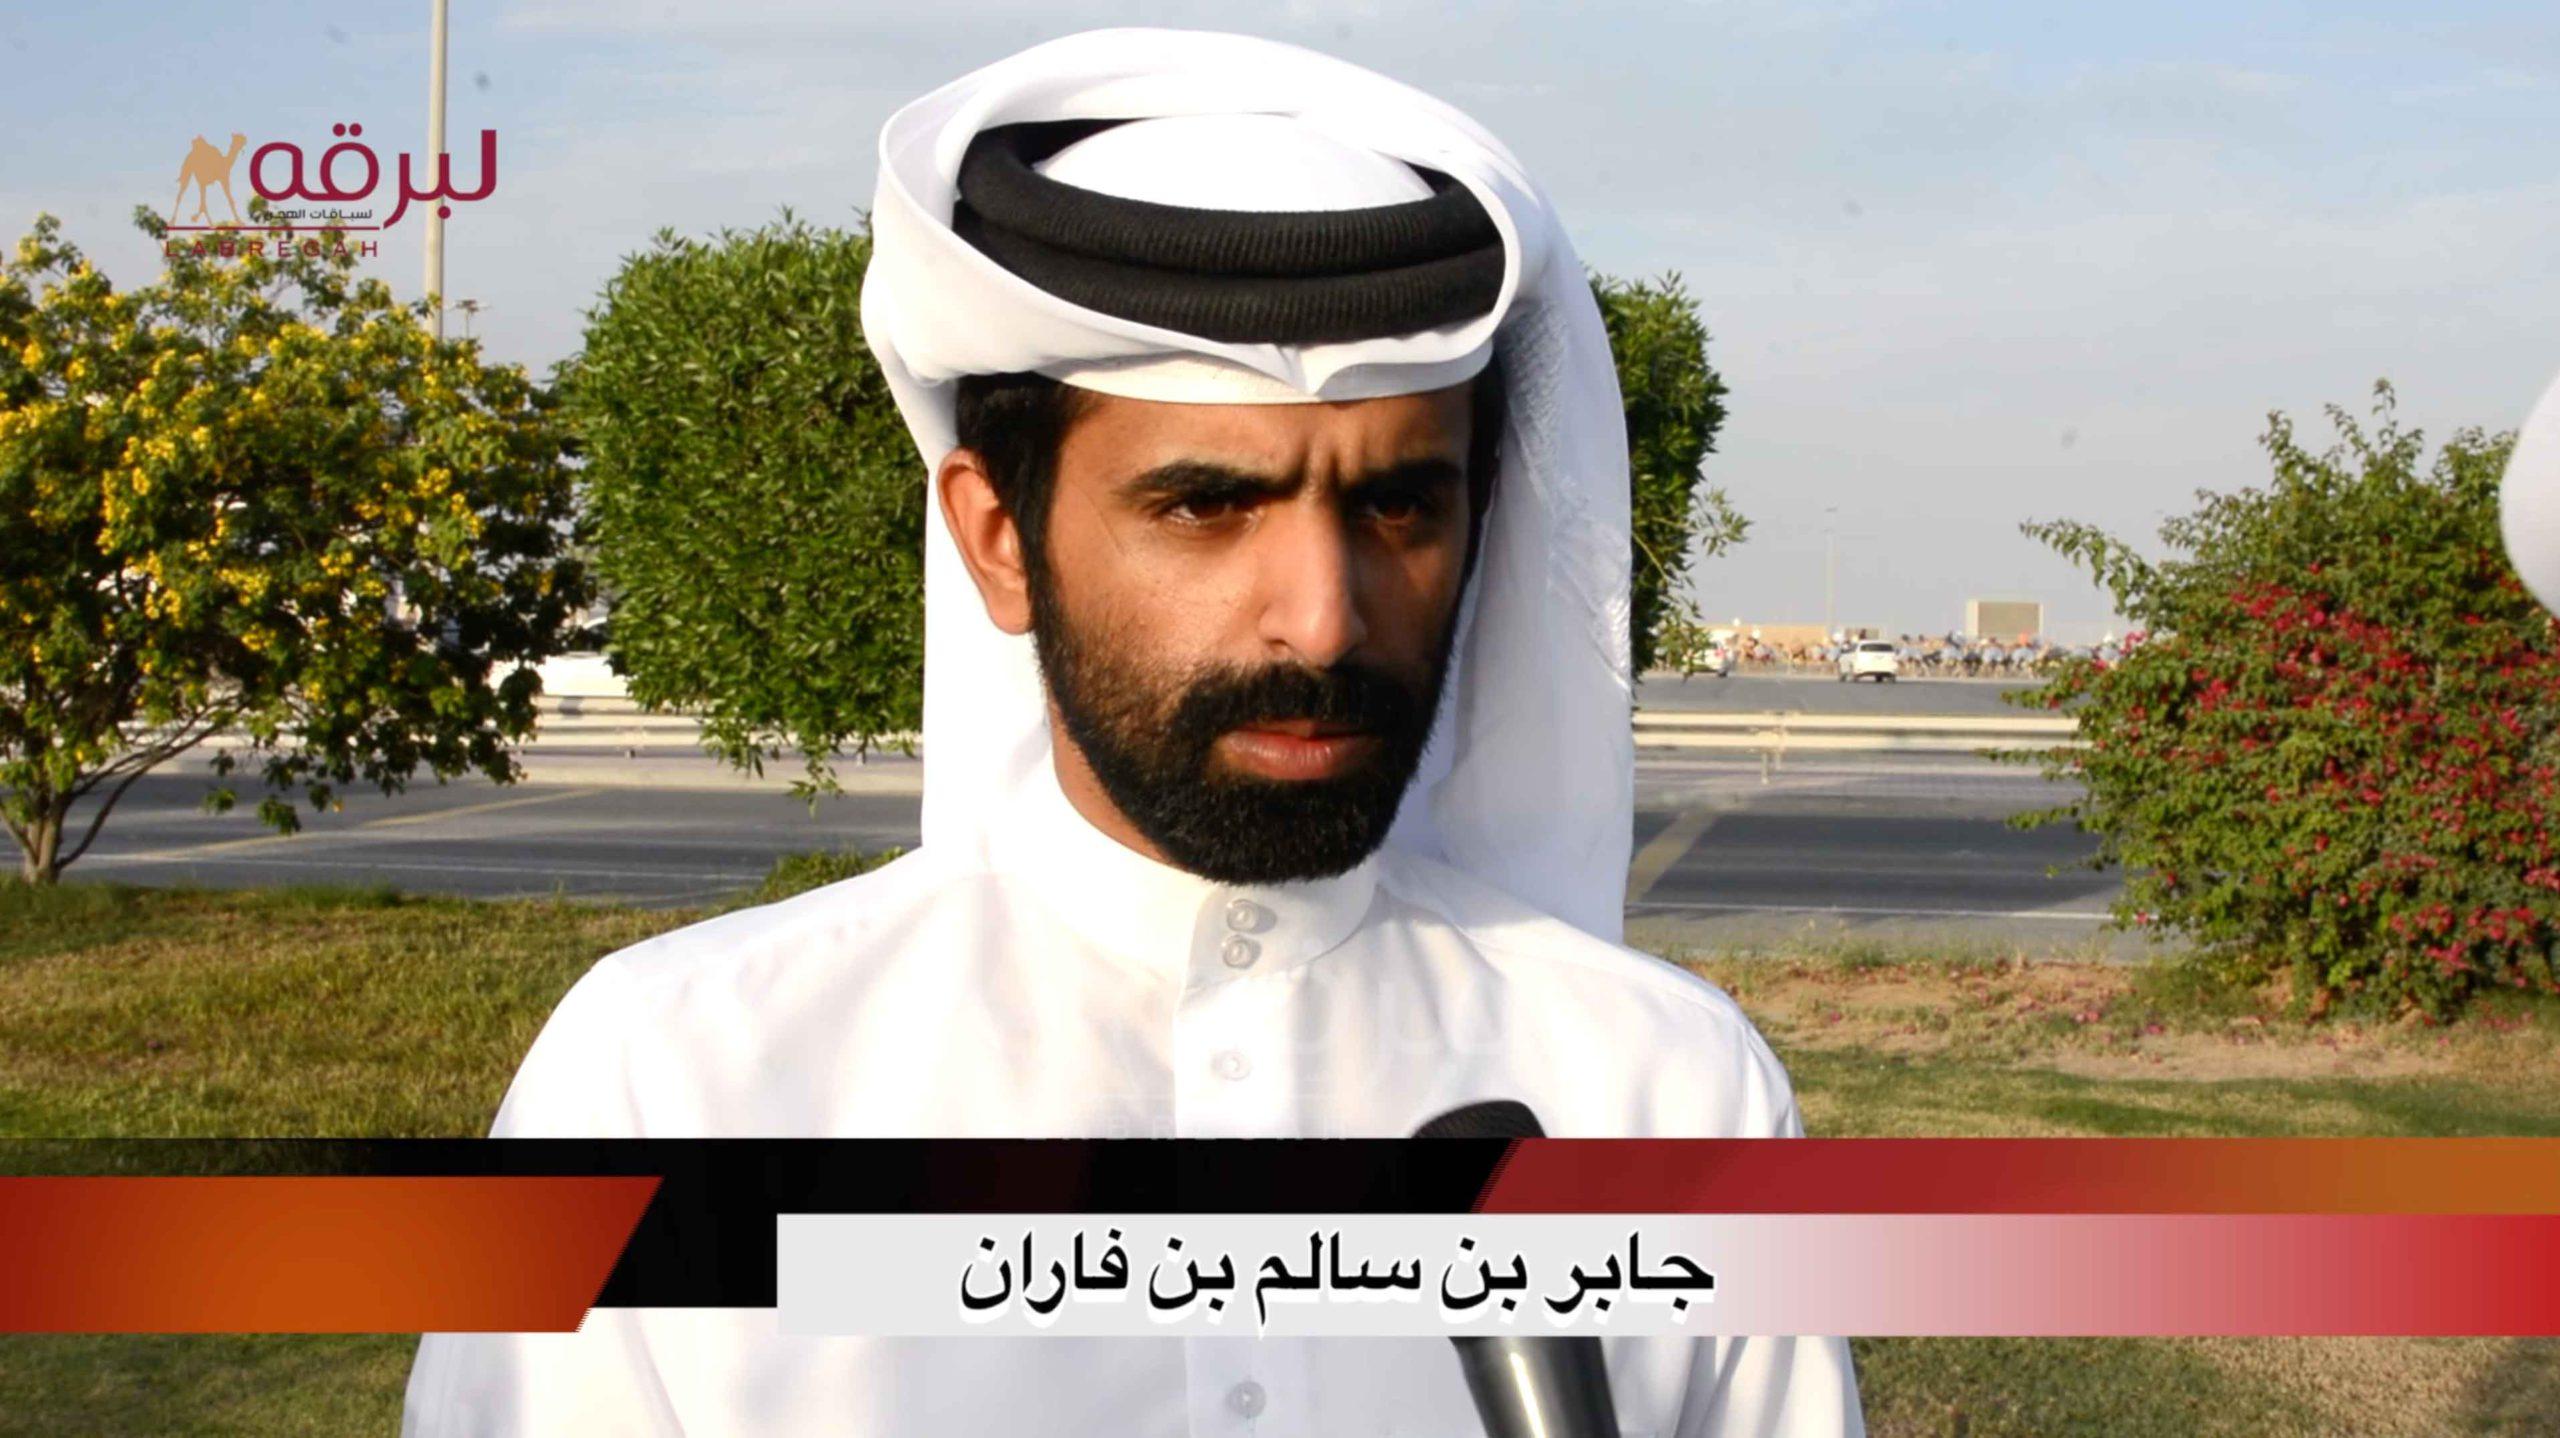 لقاء مع جابر بن سالم بن فاران.. الشلفة الذهبية للحقايق بكار « مفتوح » الأشواط المفتوحة  ٢٨-١١-٢٠٢٠